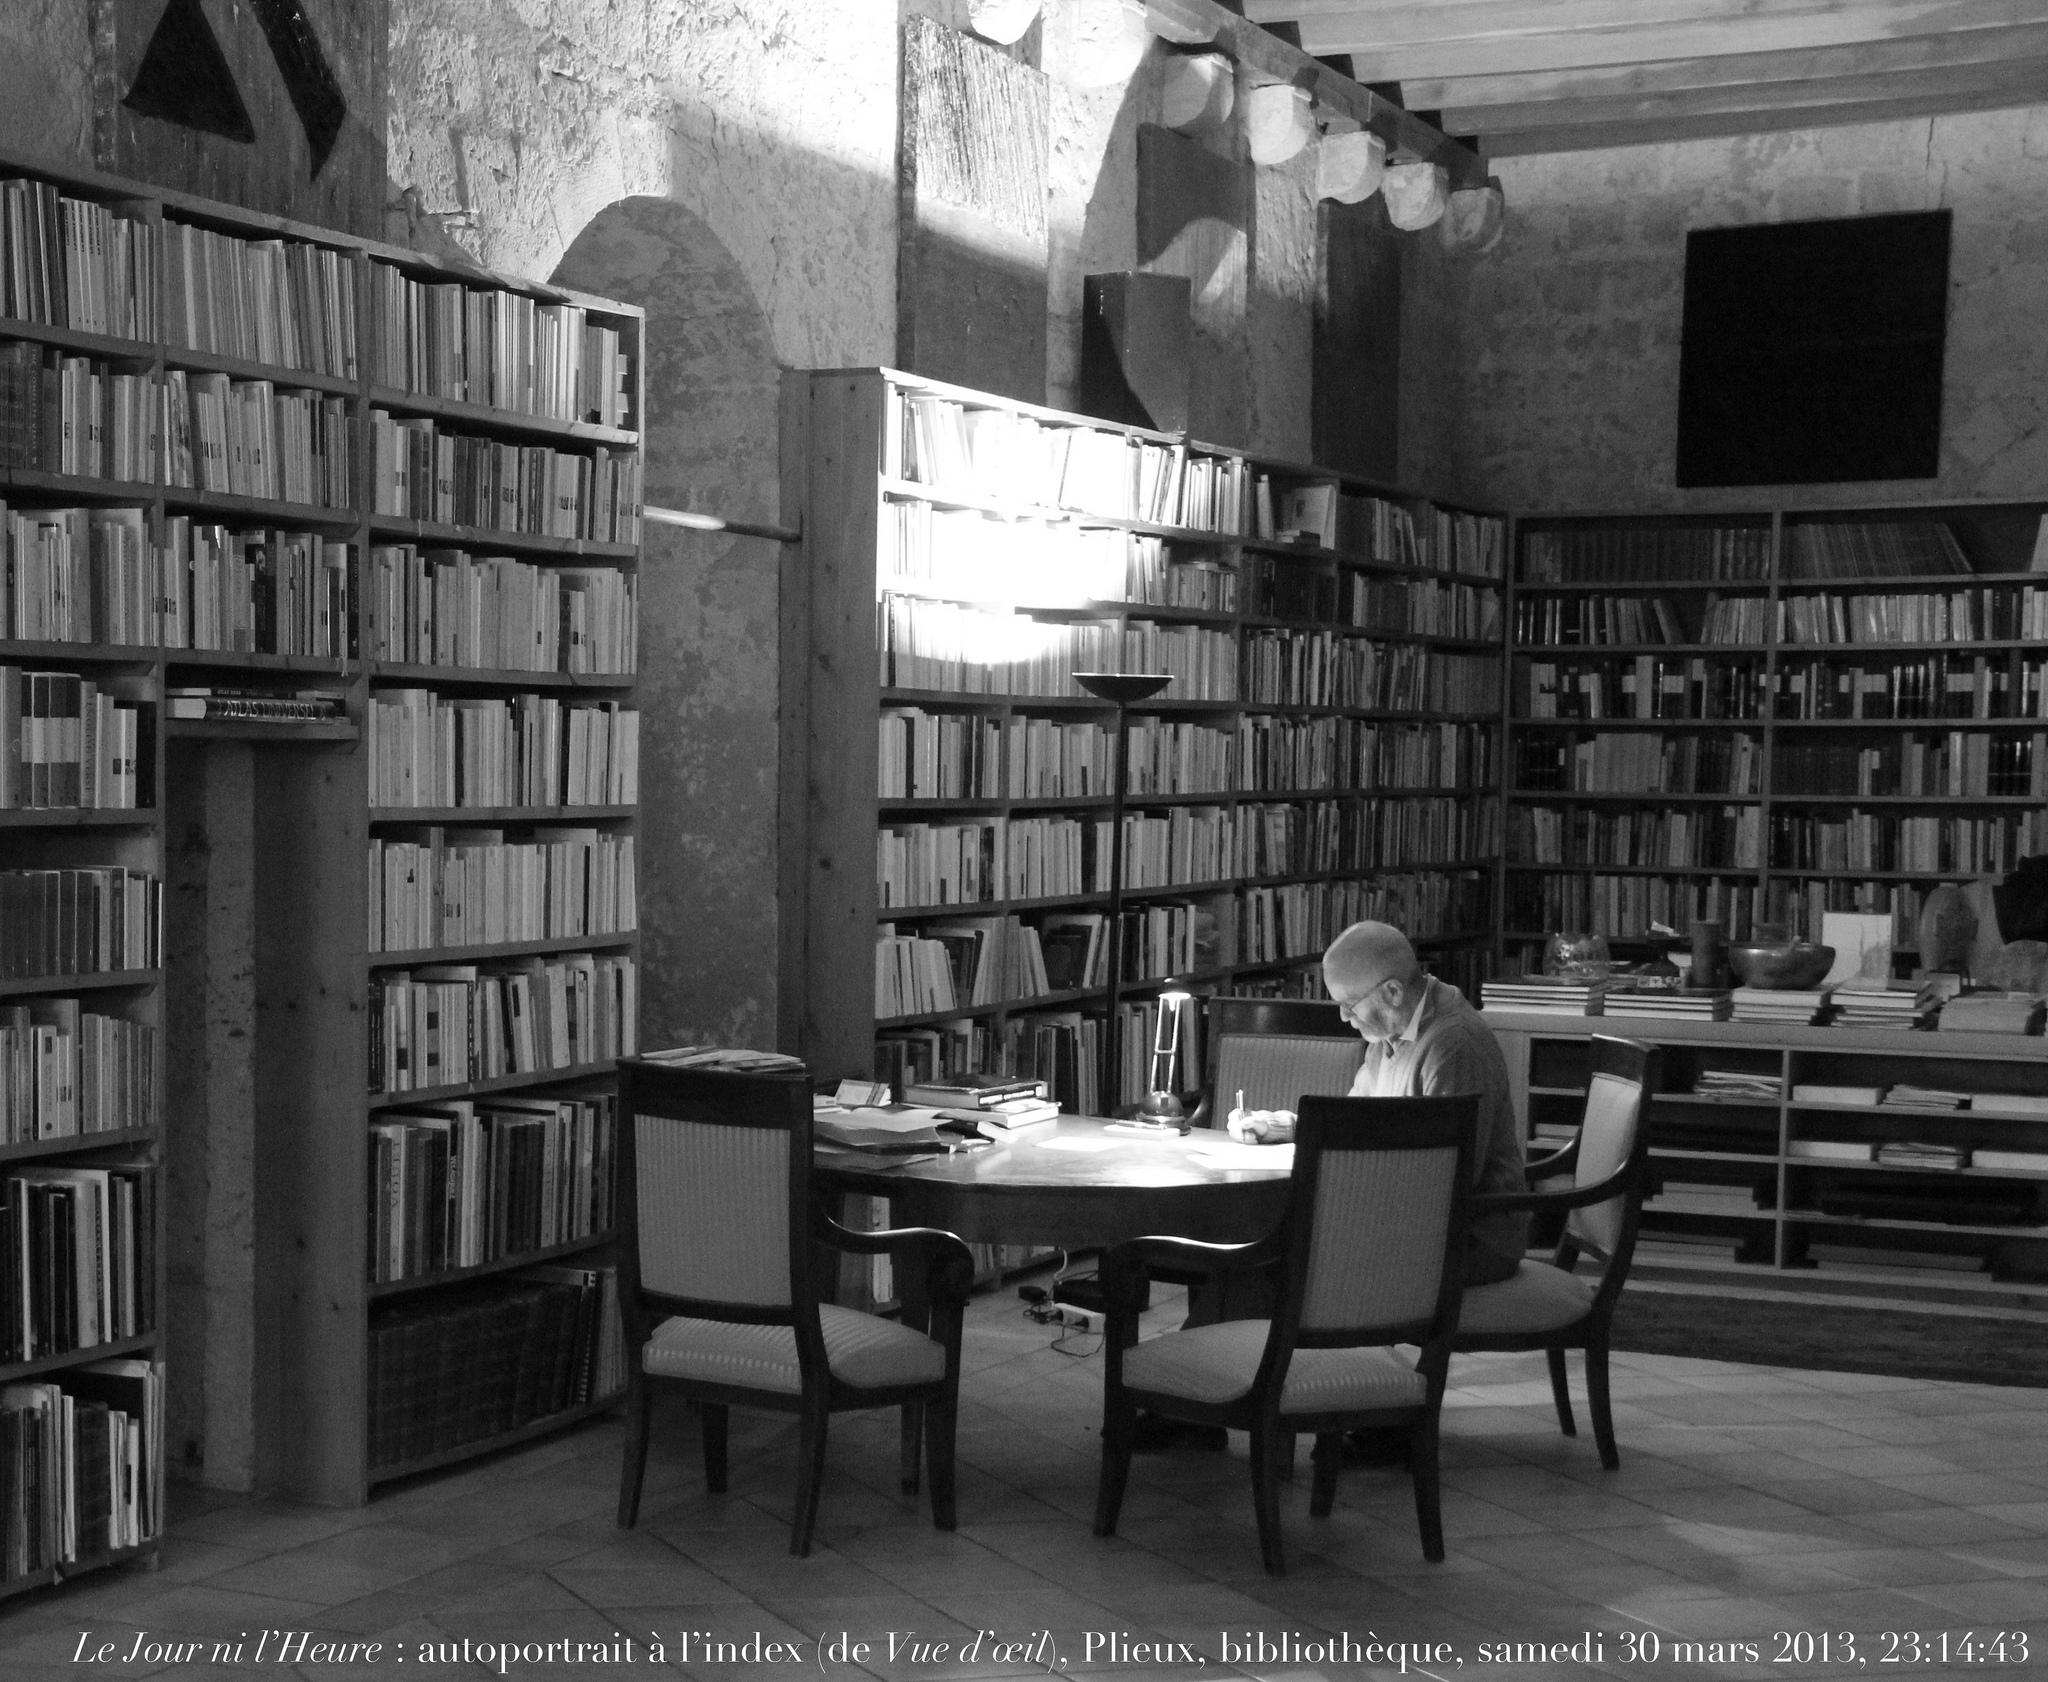 Le Jour ni l'Heure 2861 : autoportrait à l'index (de Vue d'œil), Plieux, bibliothèque, samedi 30 mars 2013, 23:14:43